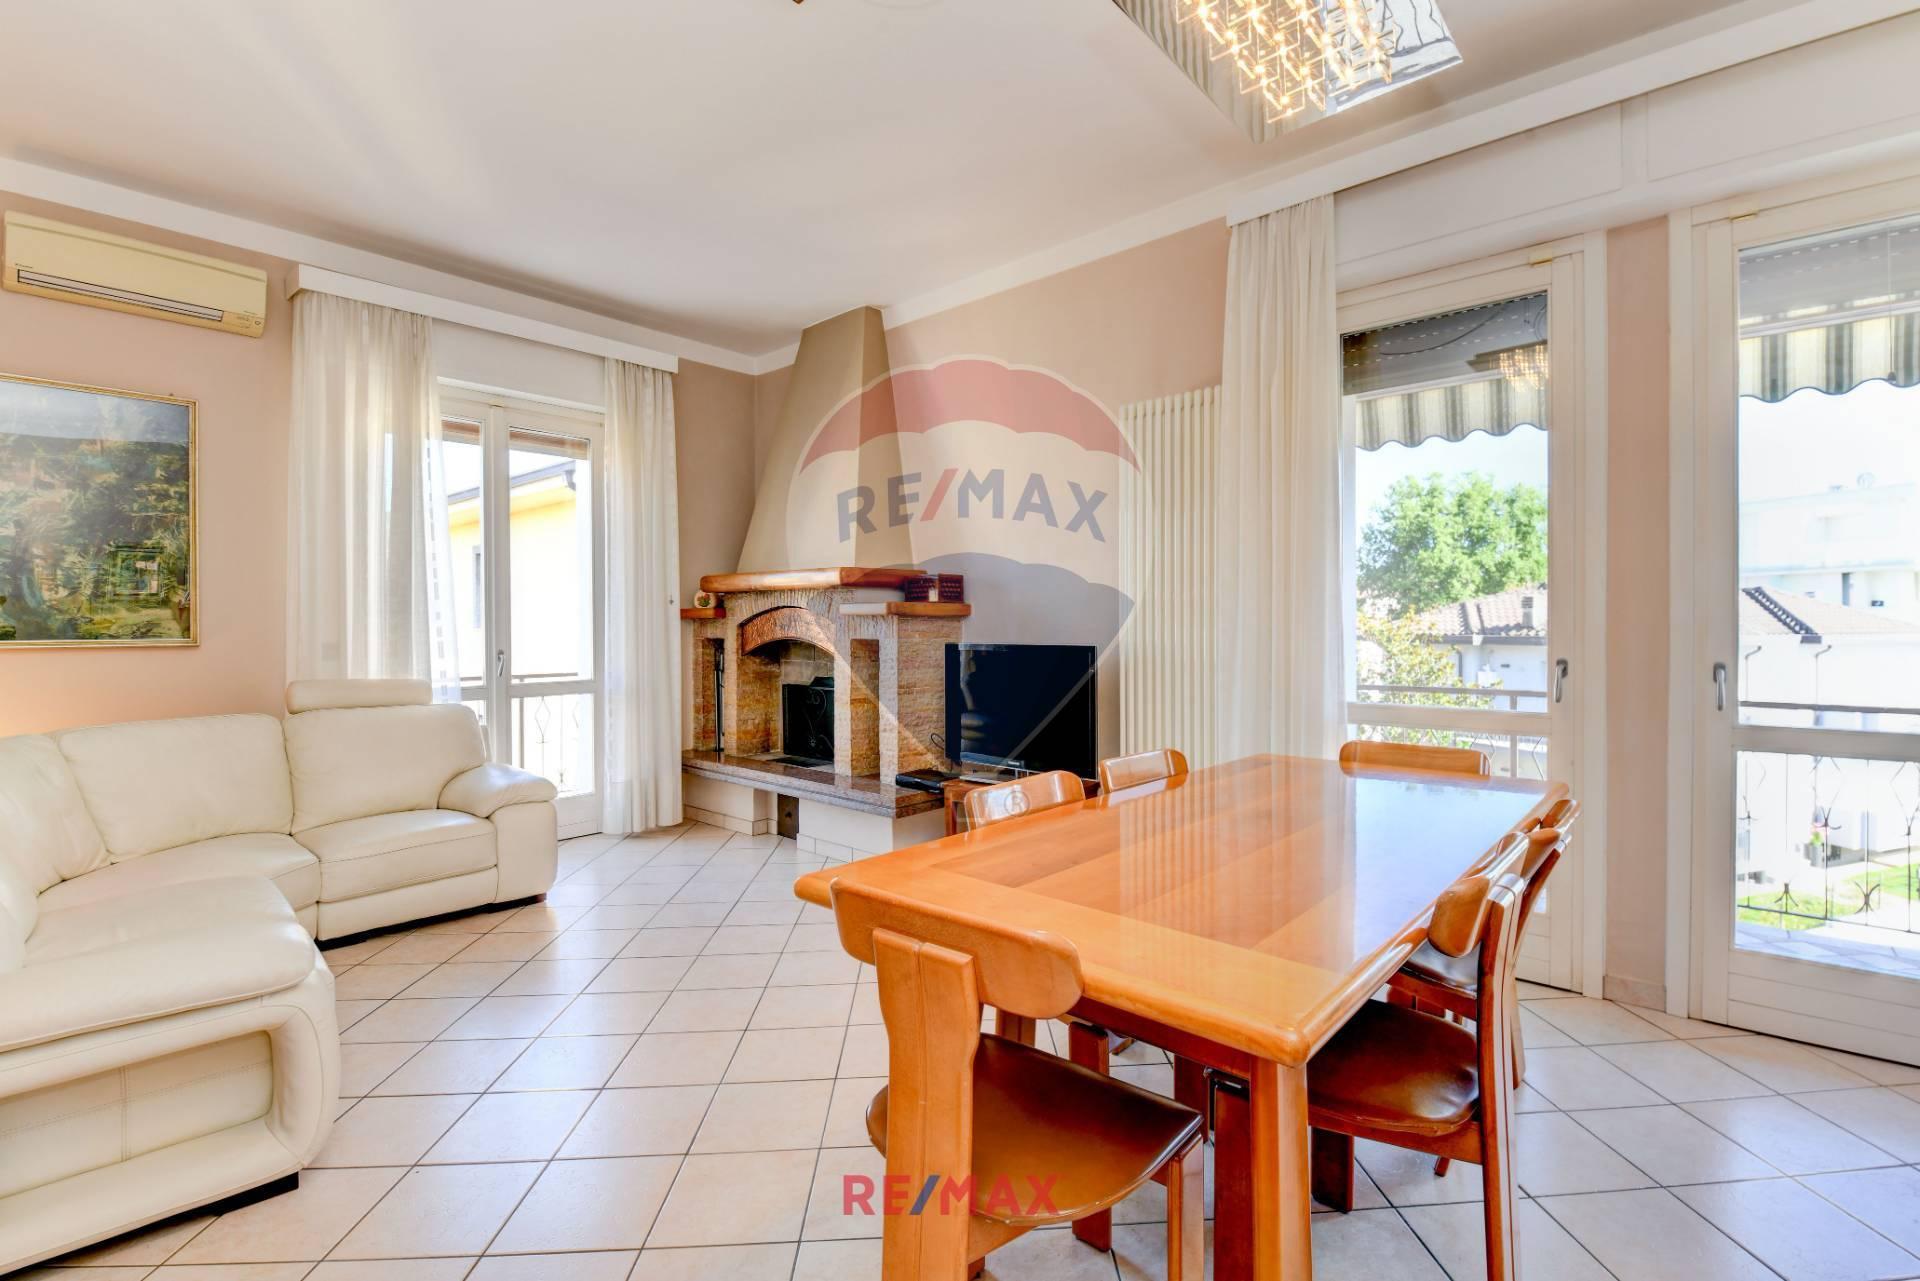 Appartamento in vendita a Desenzano del Garda, 5 locali, zona Località: DesenzanodelGarda, prezzo € 285.000 | PortaleAgenzieImmobiliari.it